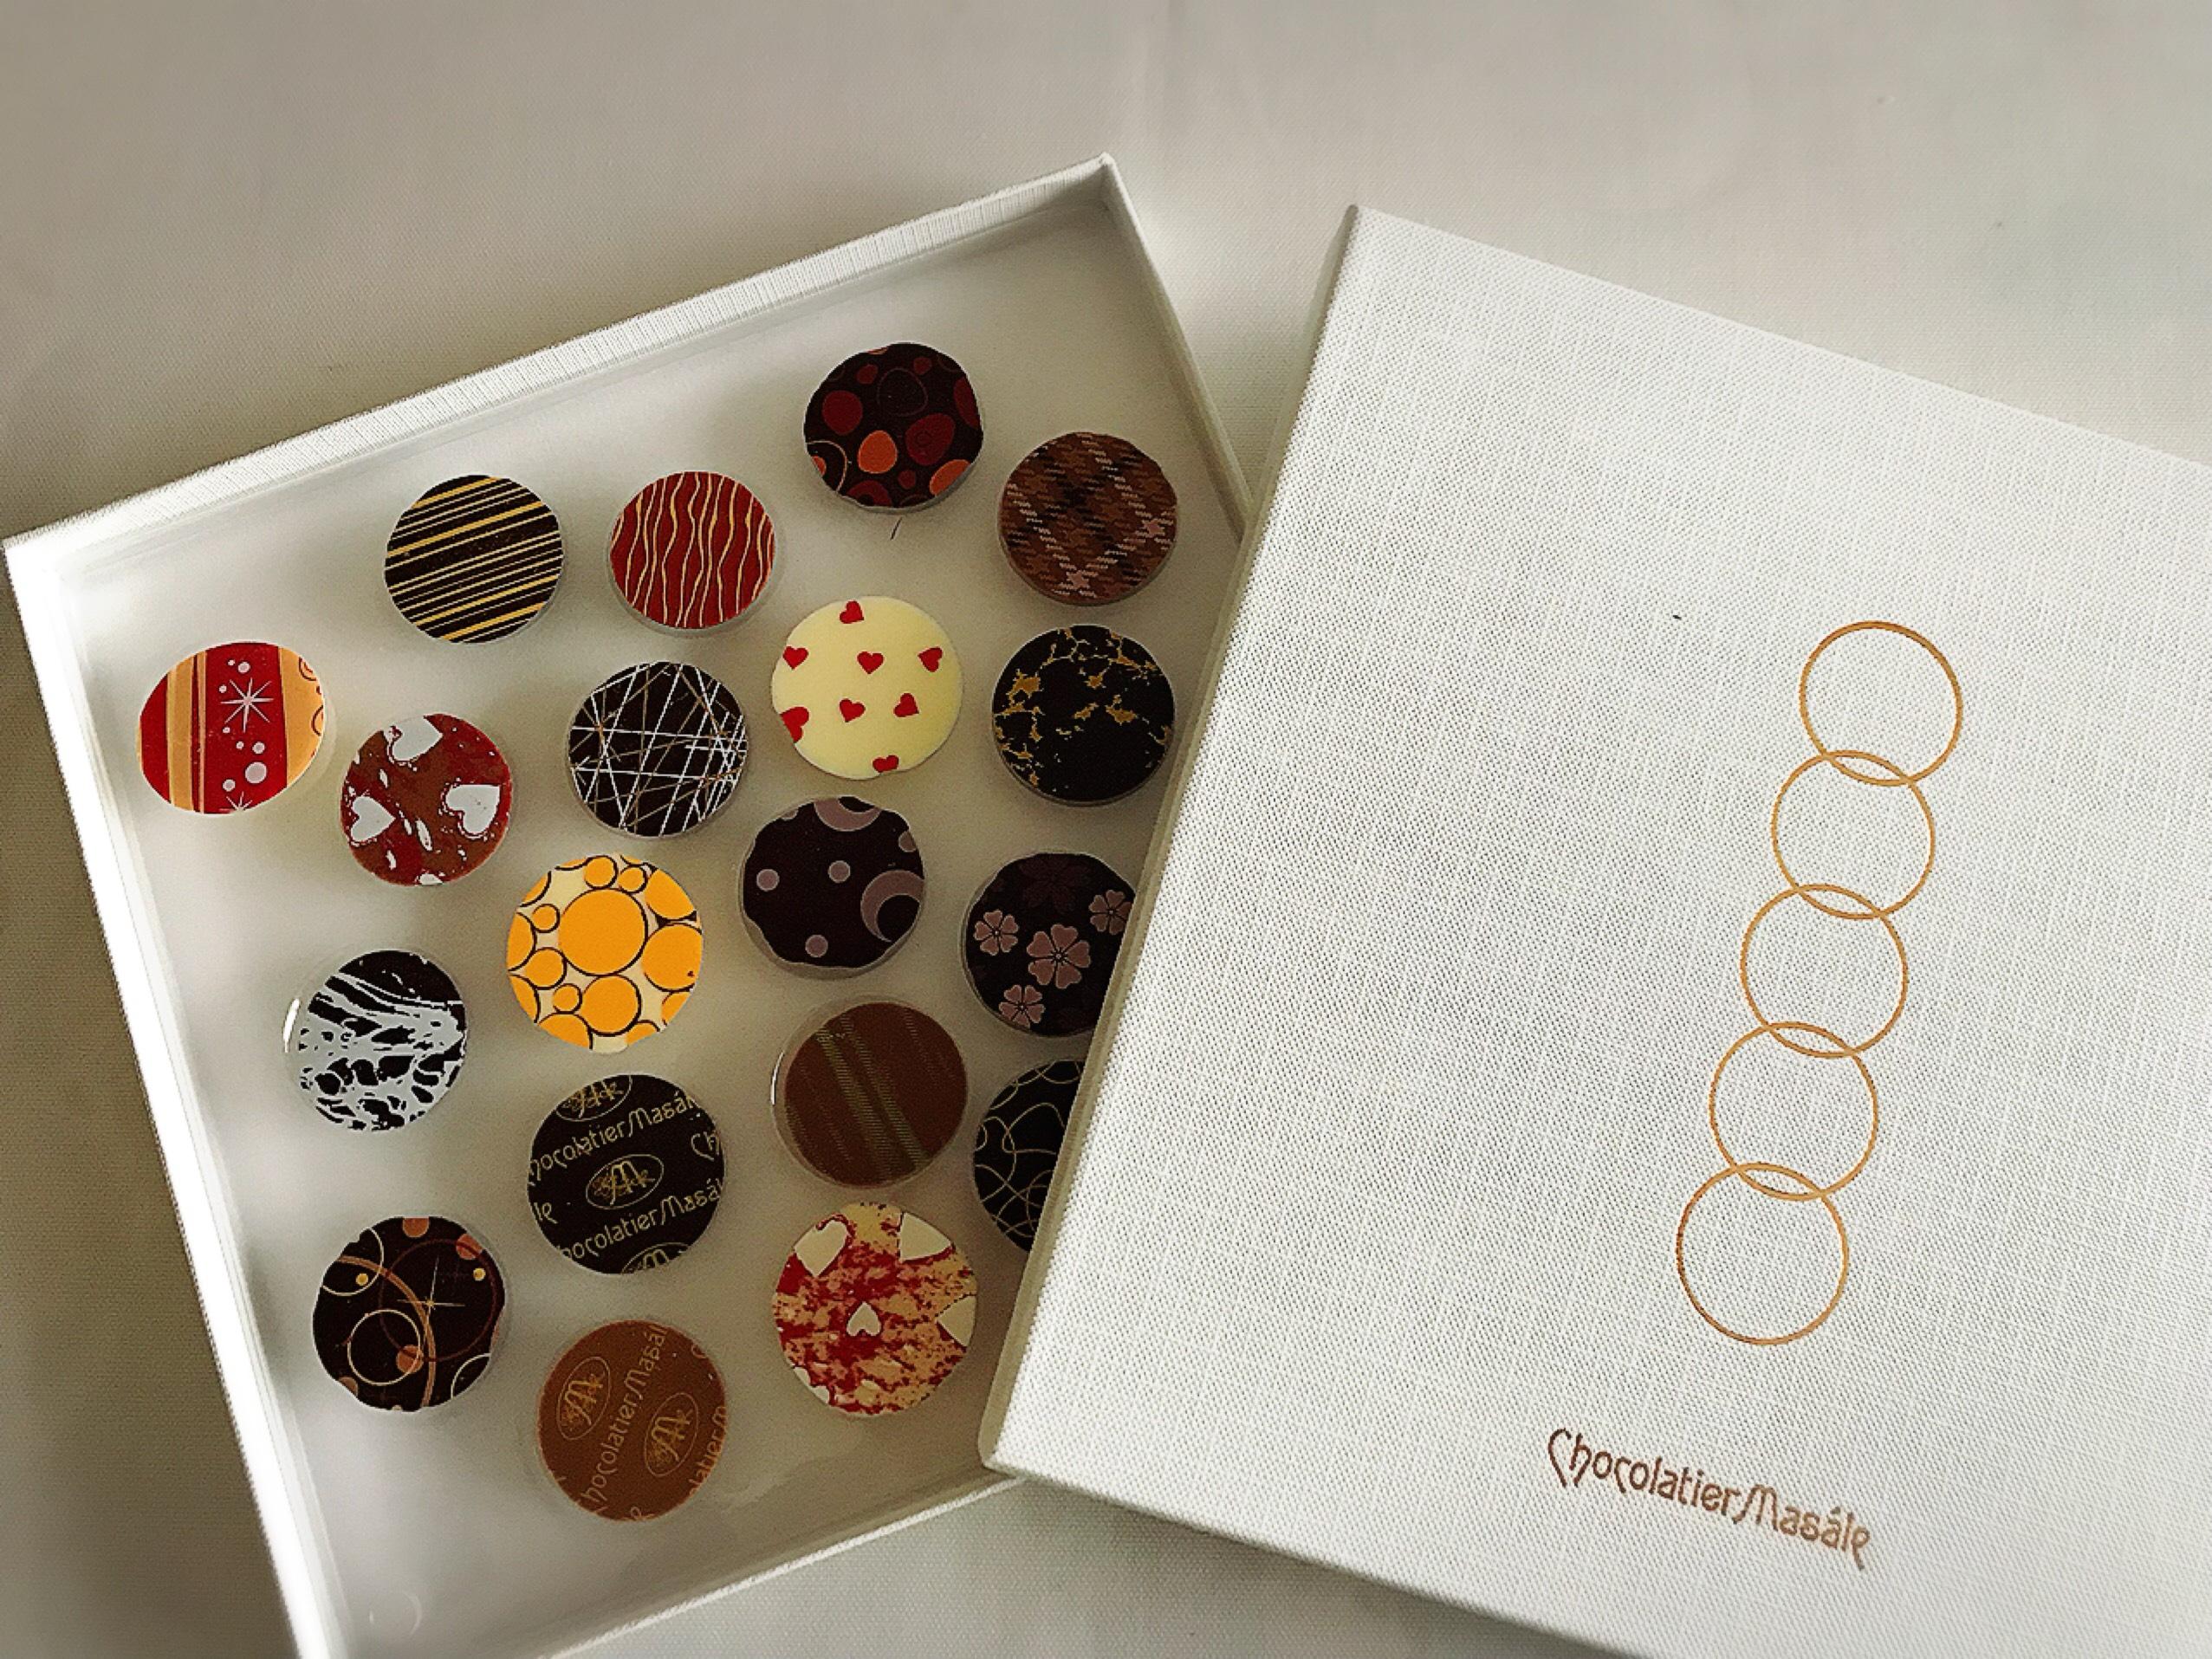 バレンタイン☆本命、職場や友達にも!秘書のオススメ チョコレート!